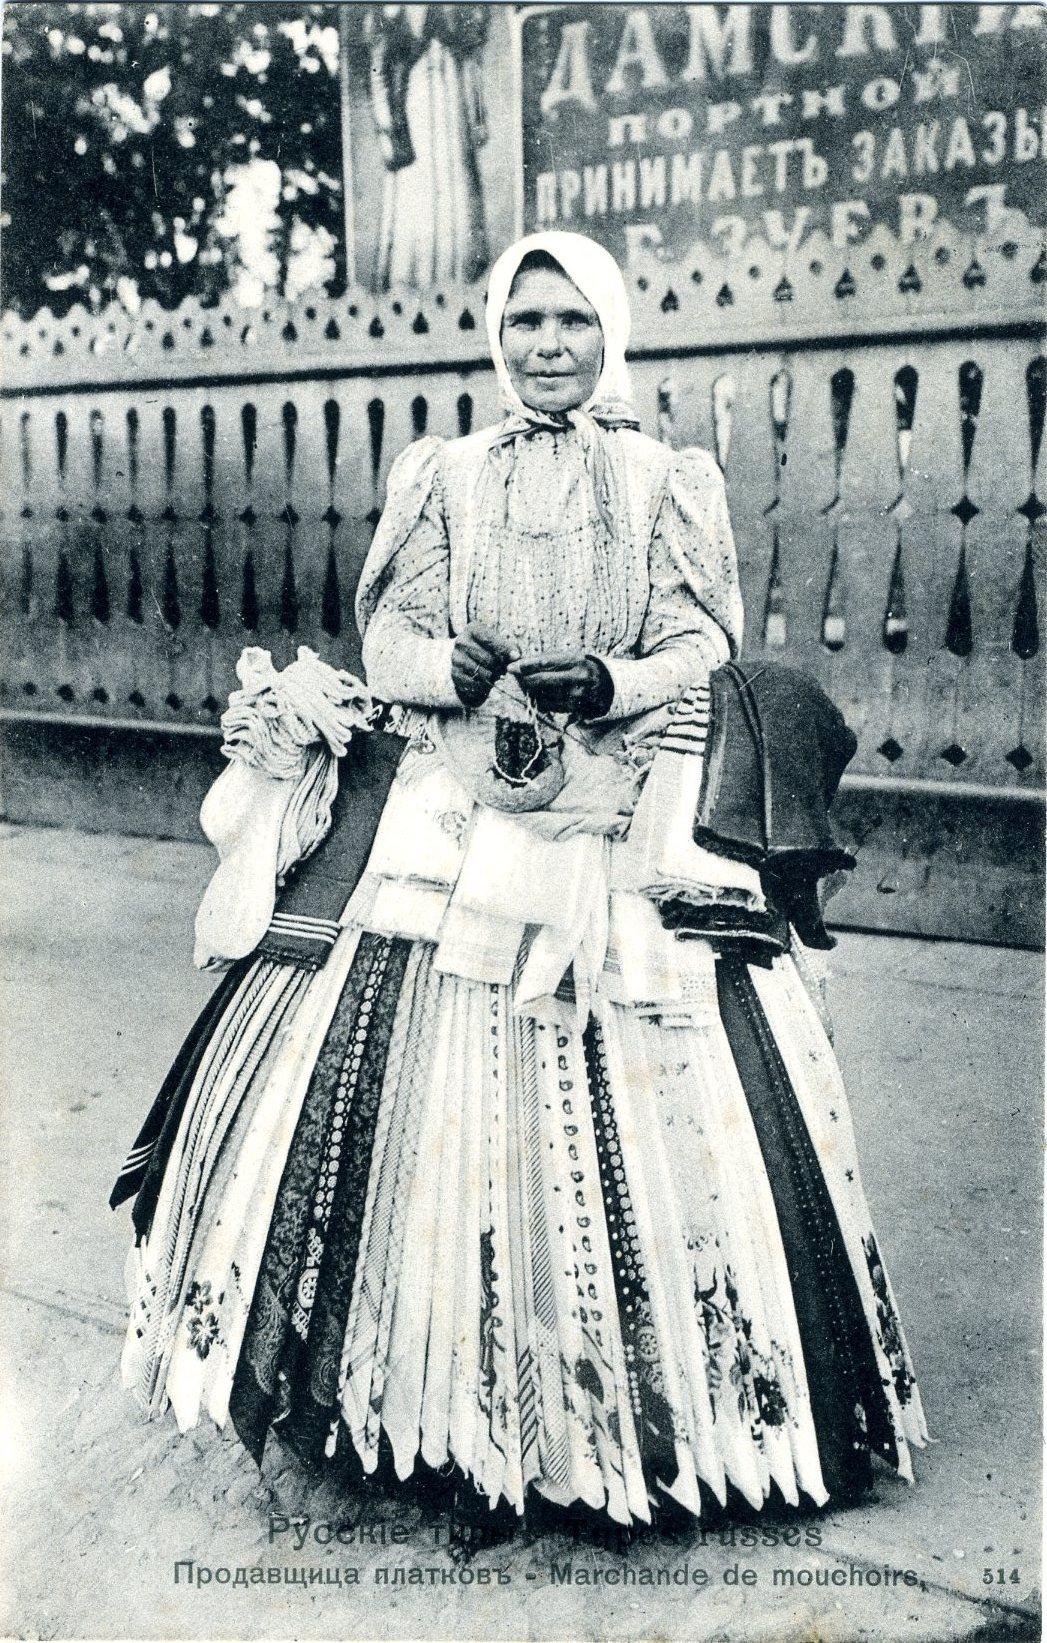 Продавщица платков